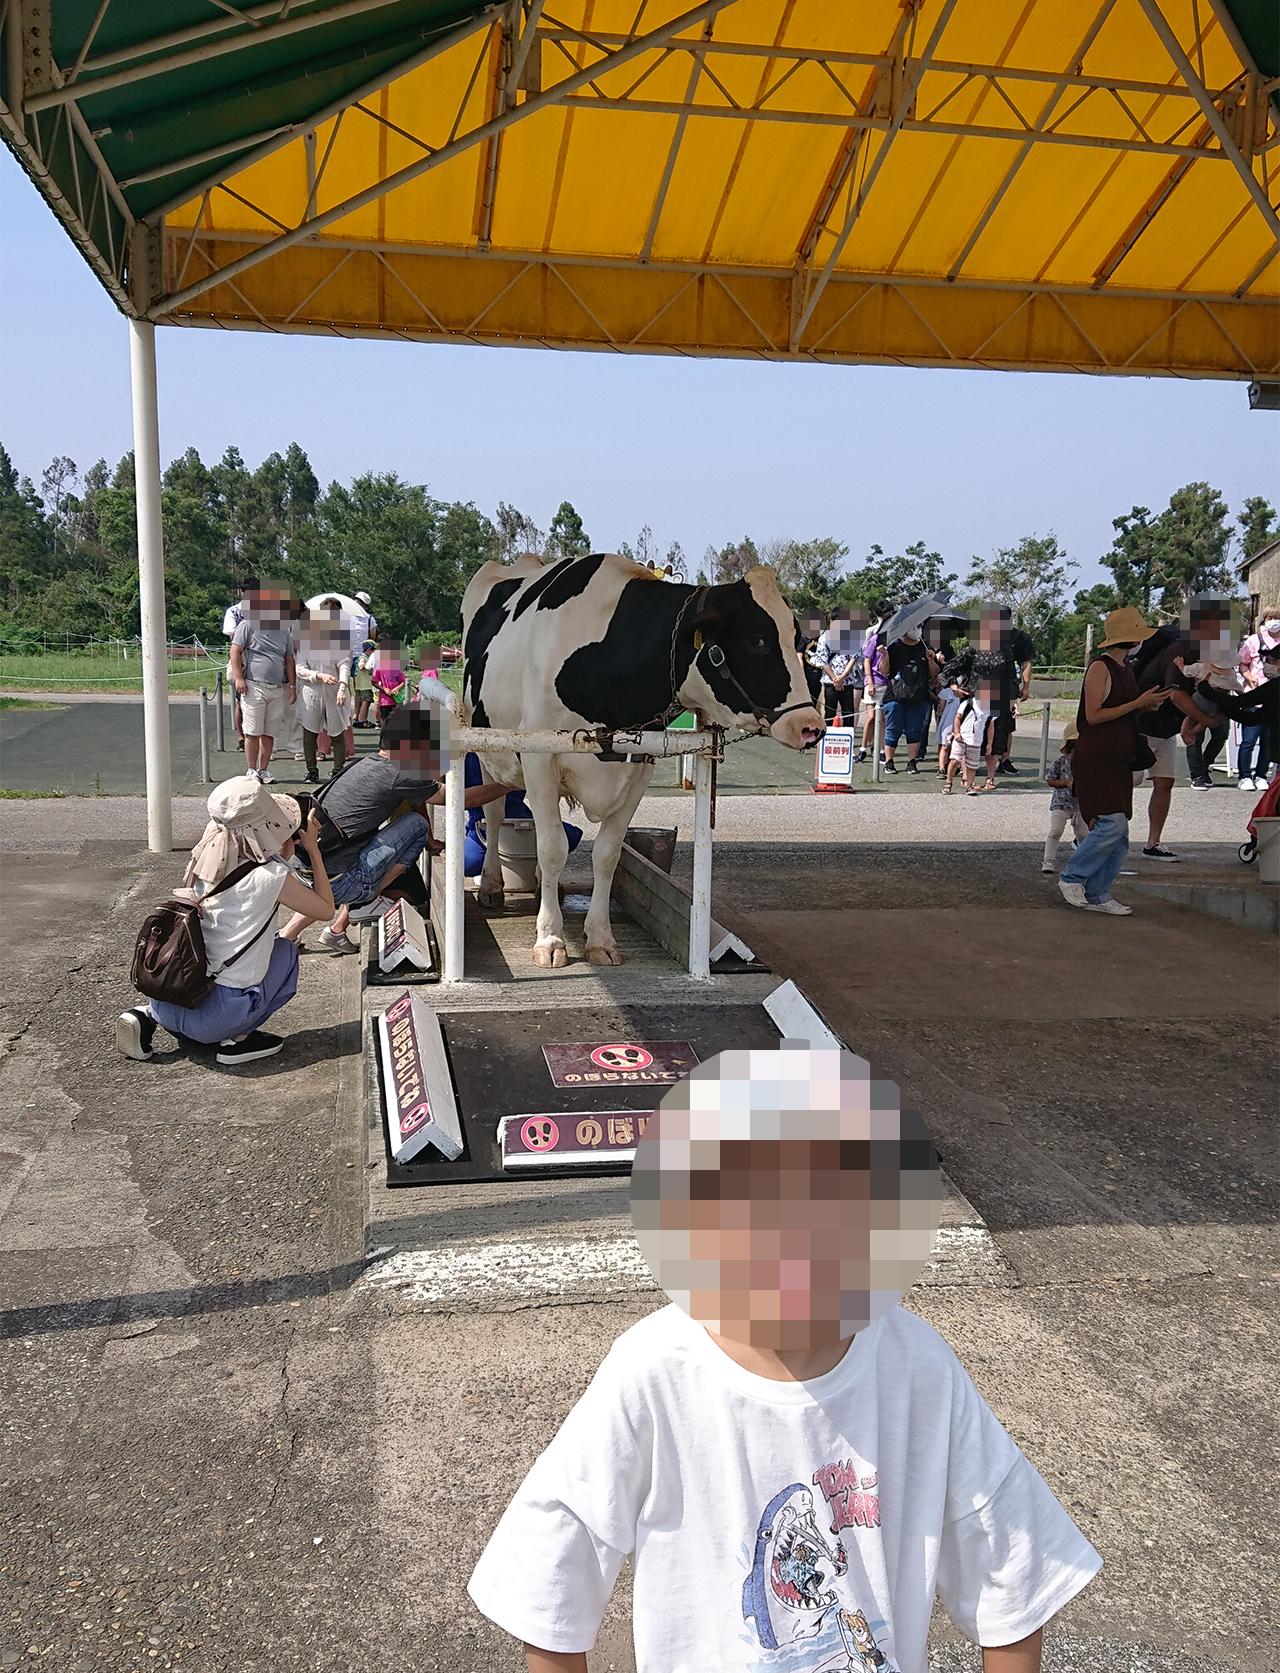 乳牛と一緒に写っている写真